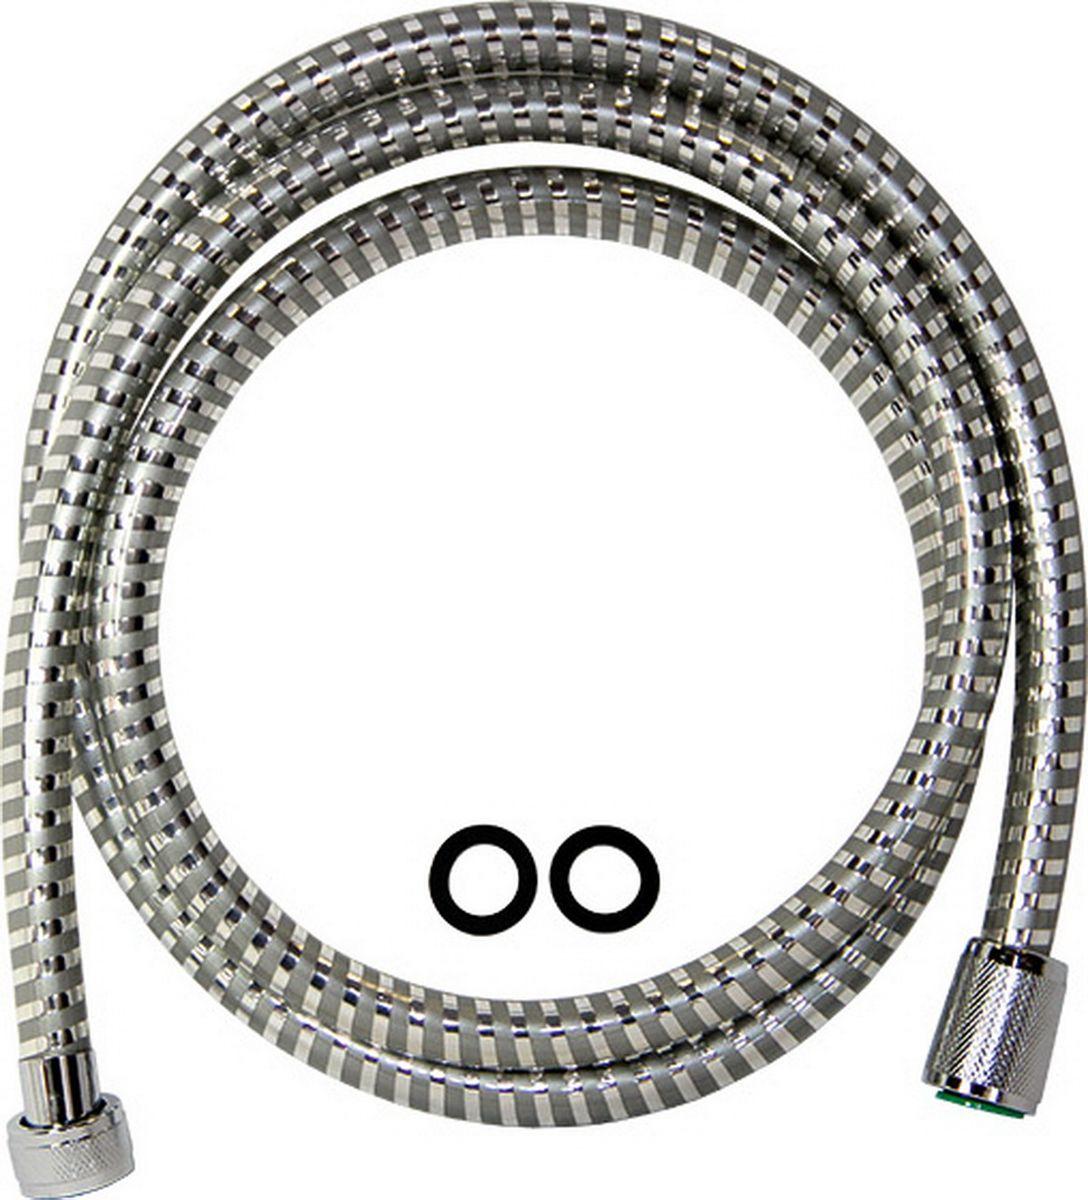 Шланг для душа Argo Еspiroflex, цвет: серый, 165 см шланги для душа argo шланг для душа argo 1 2 eur bronze 150 см блистер